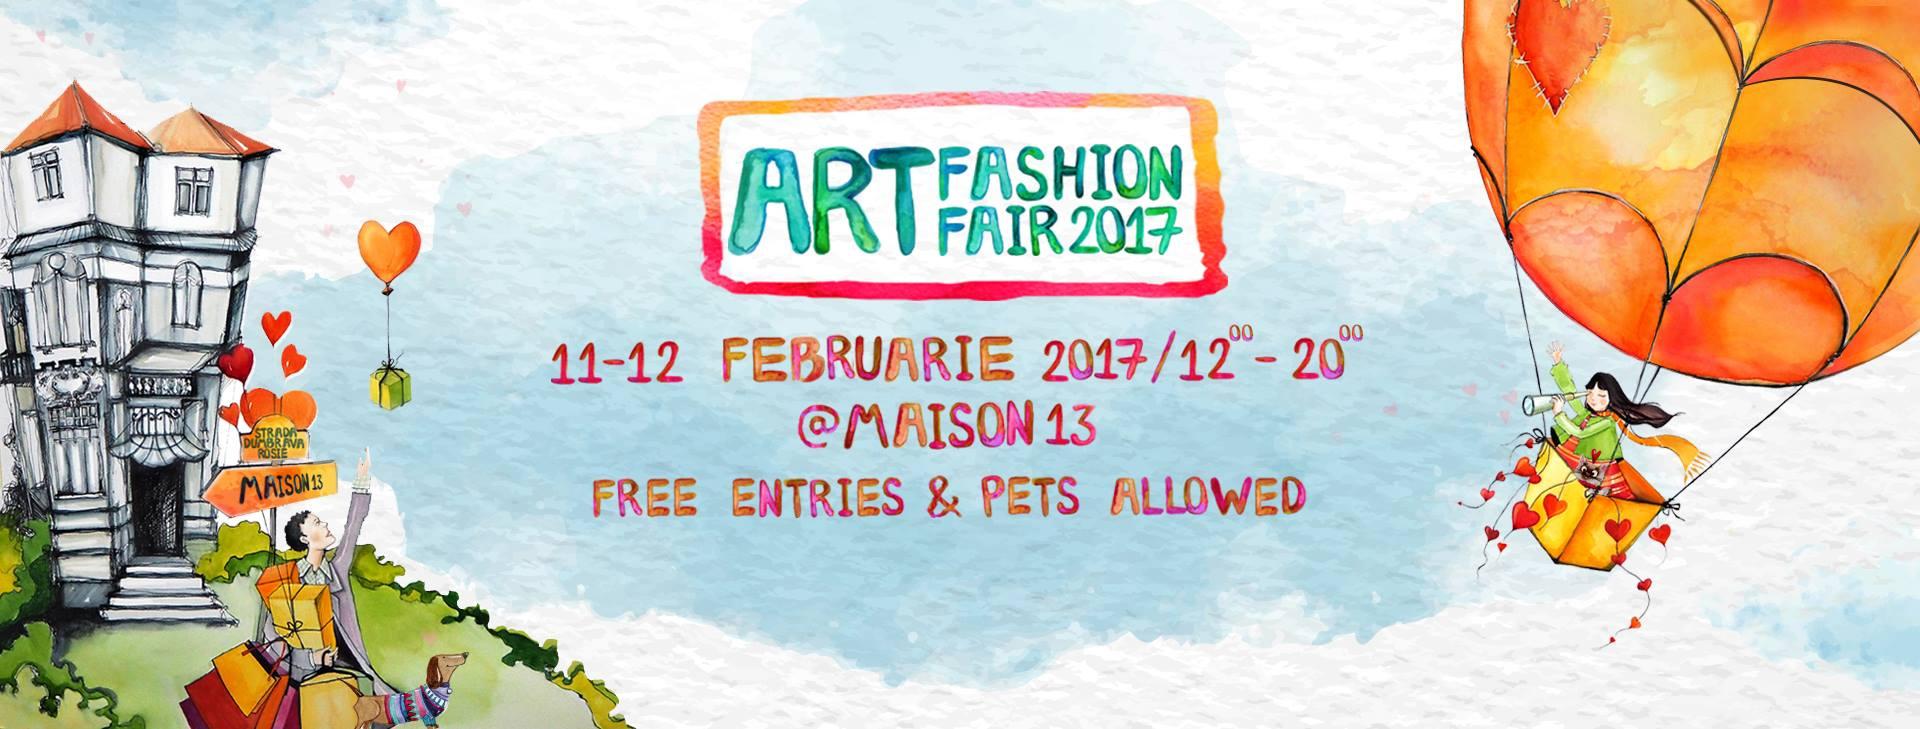 Art Fashion Fair